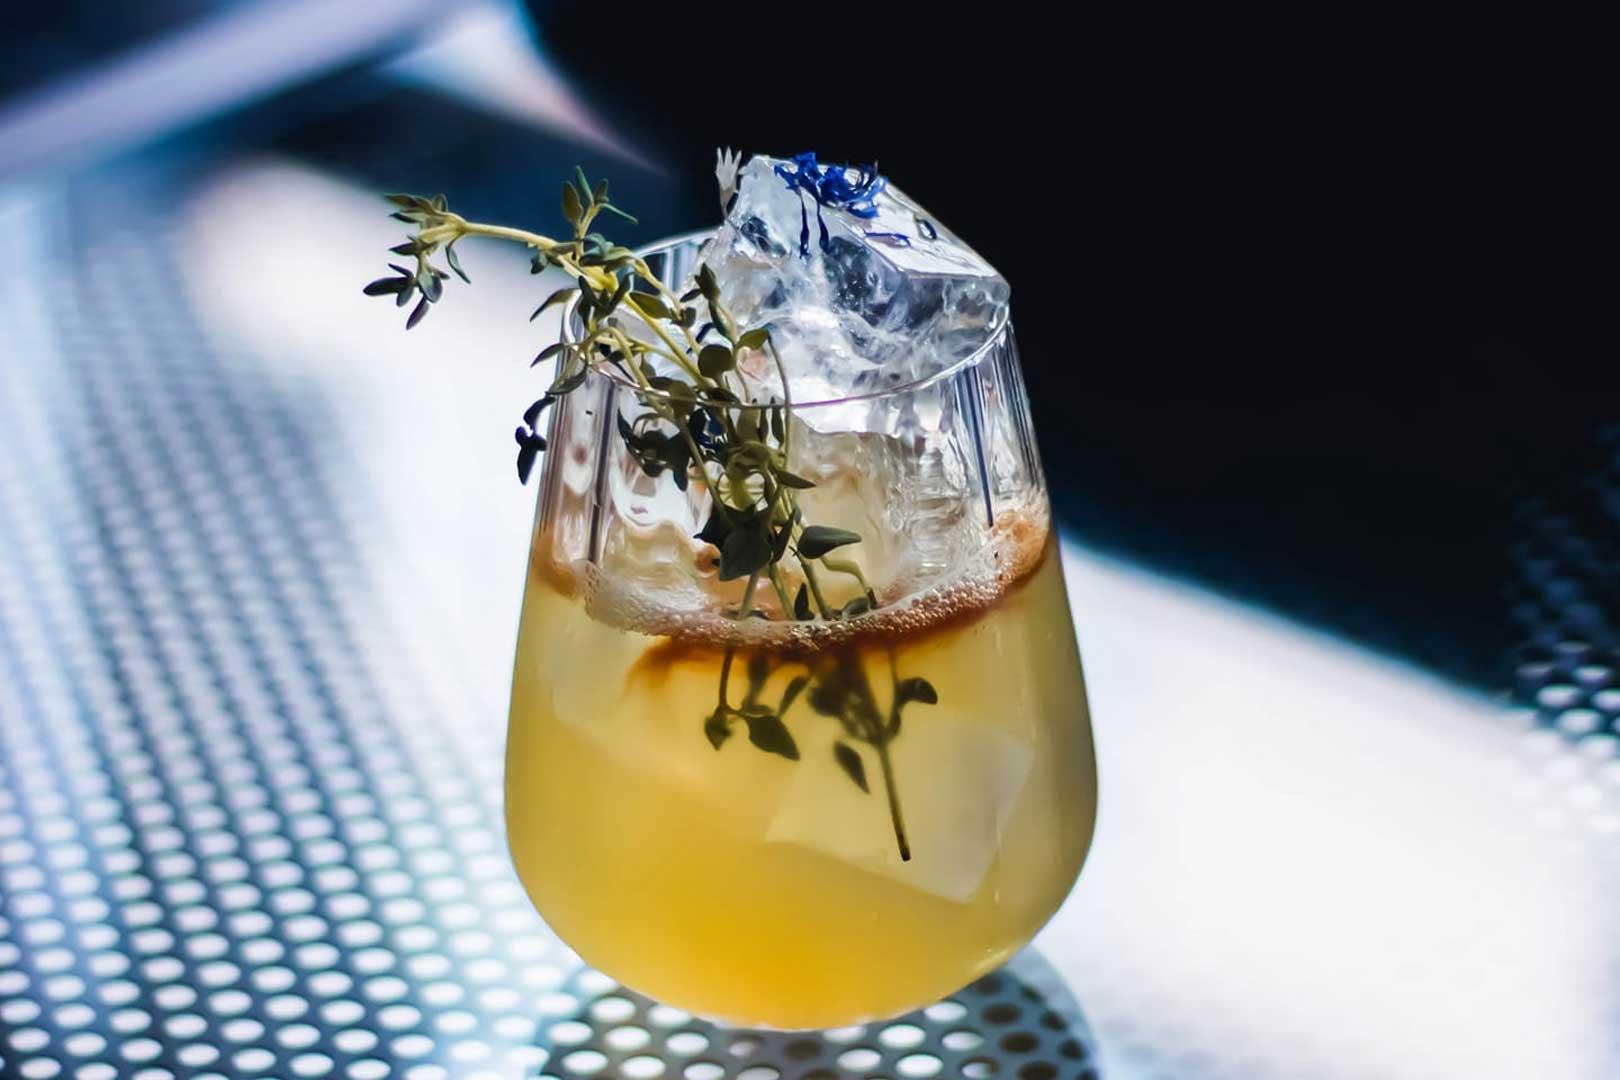 I 10 migliori cocktail bar in Porta Venezia - Drinc.